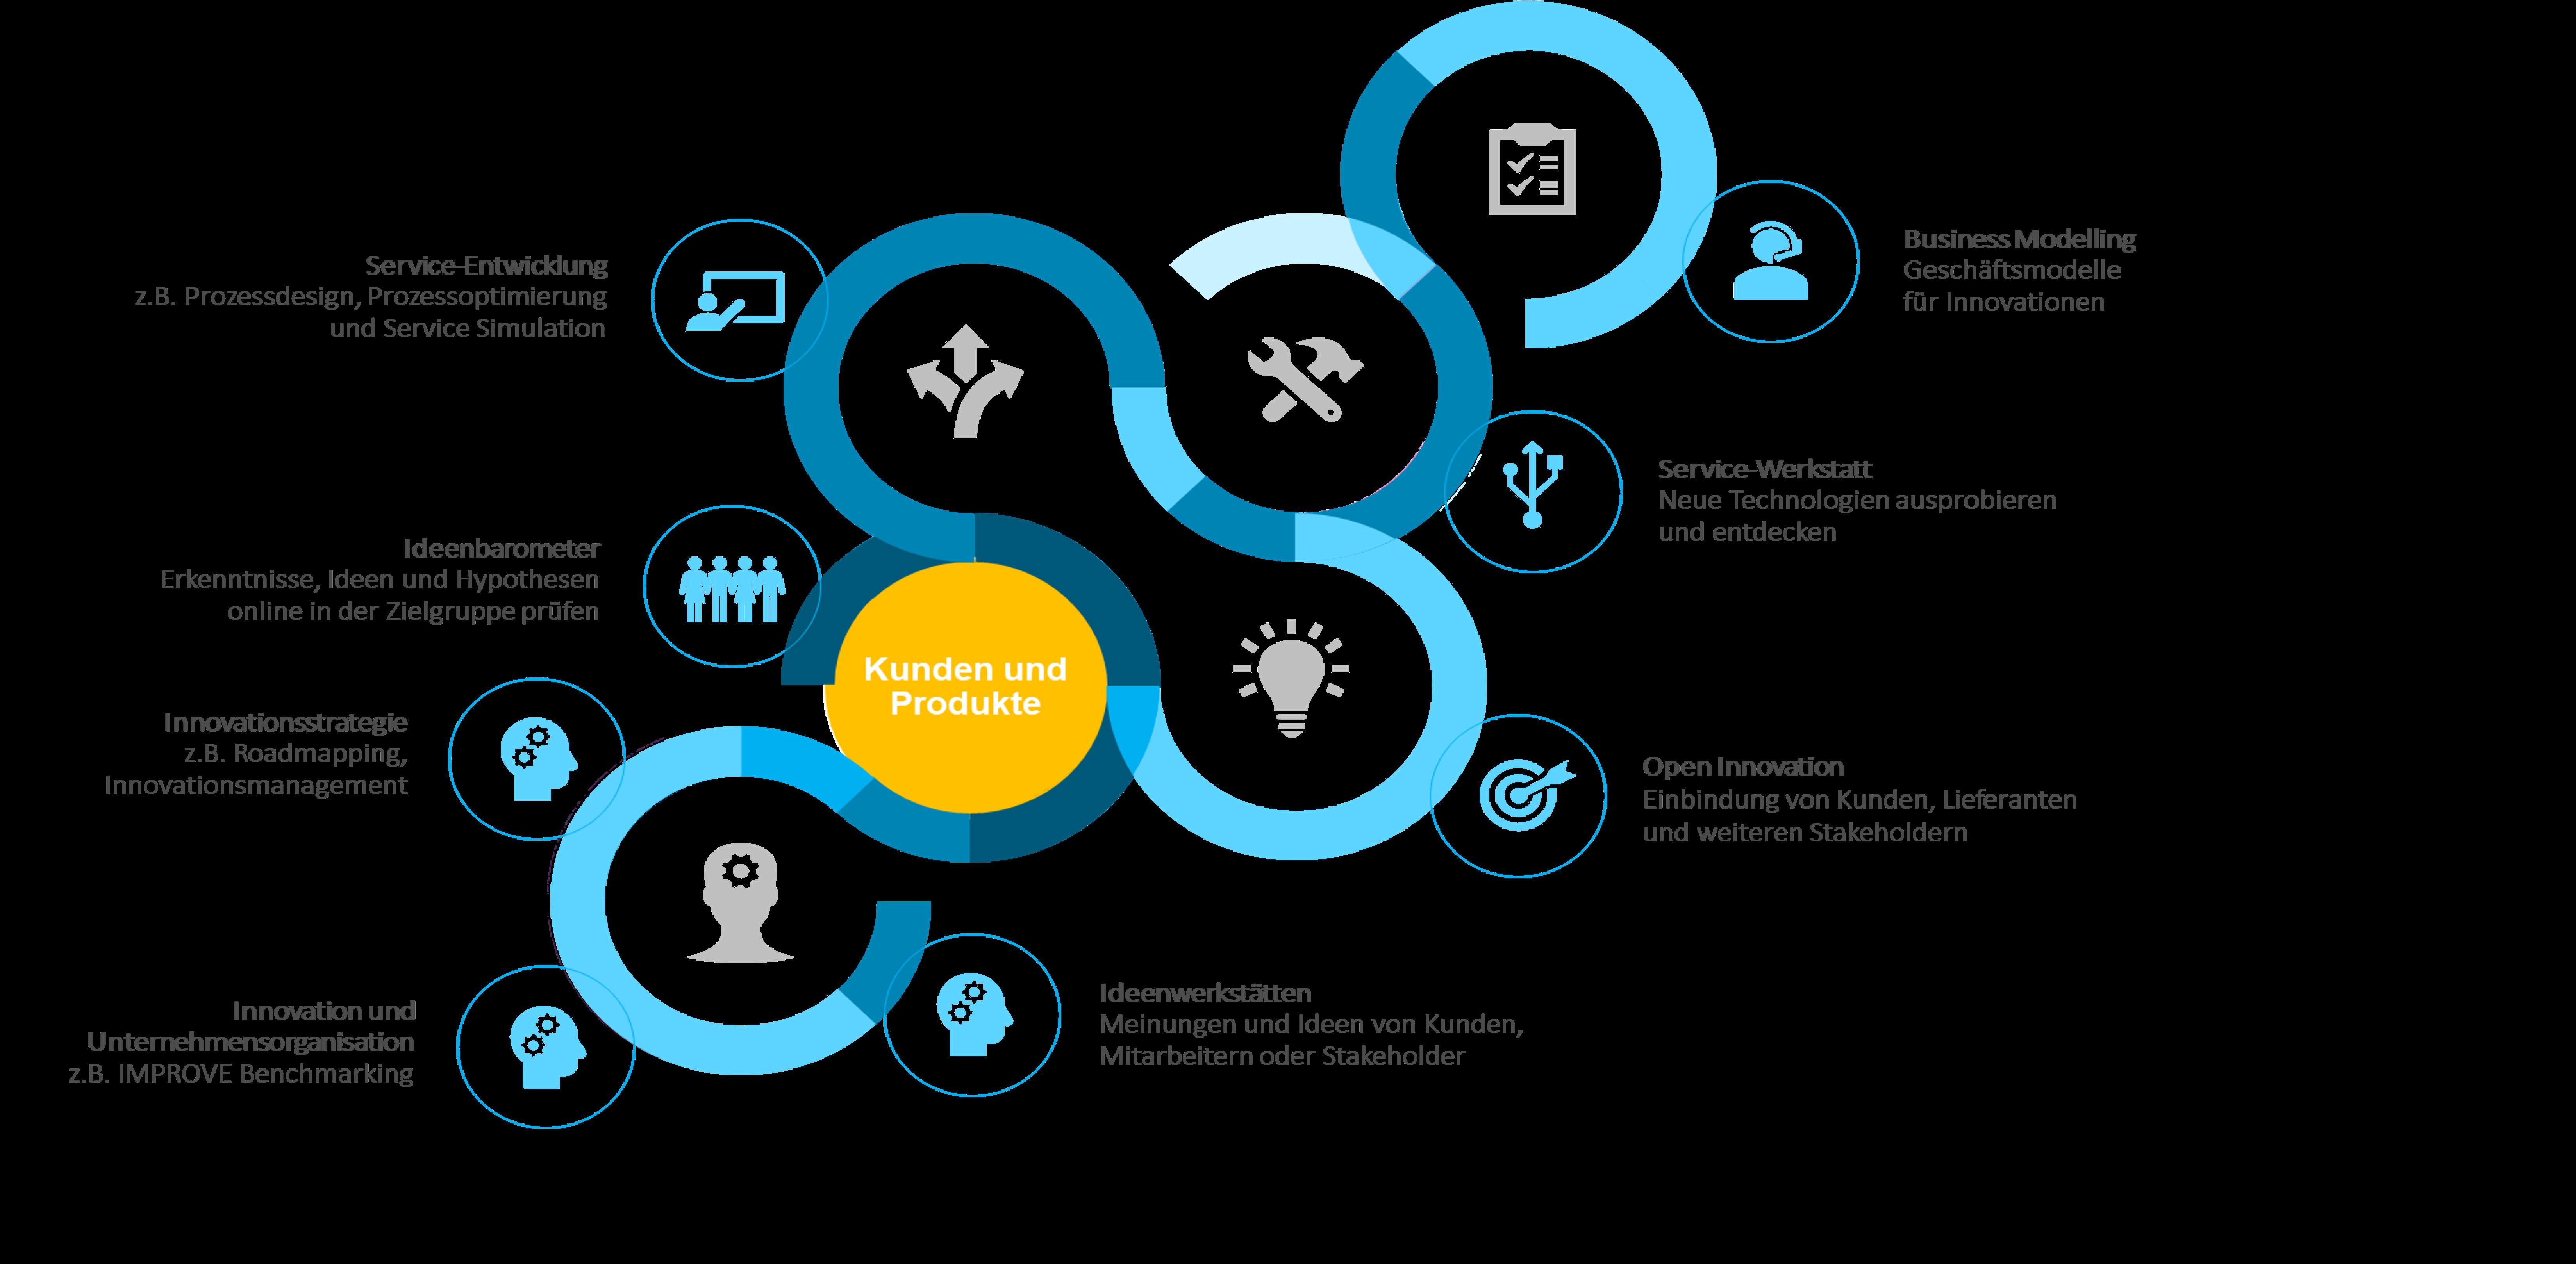 Etablierung eines marktorientiertes Innovationsmanagements